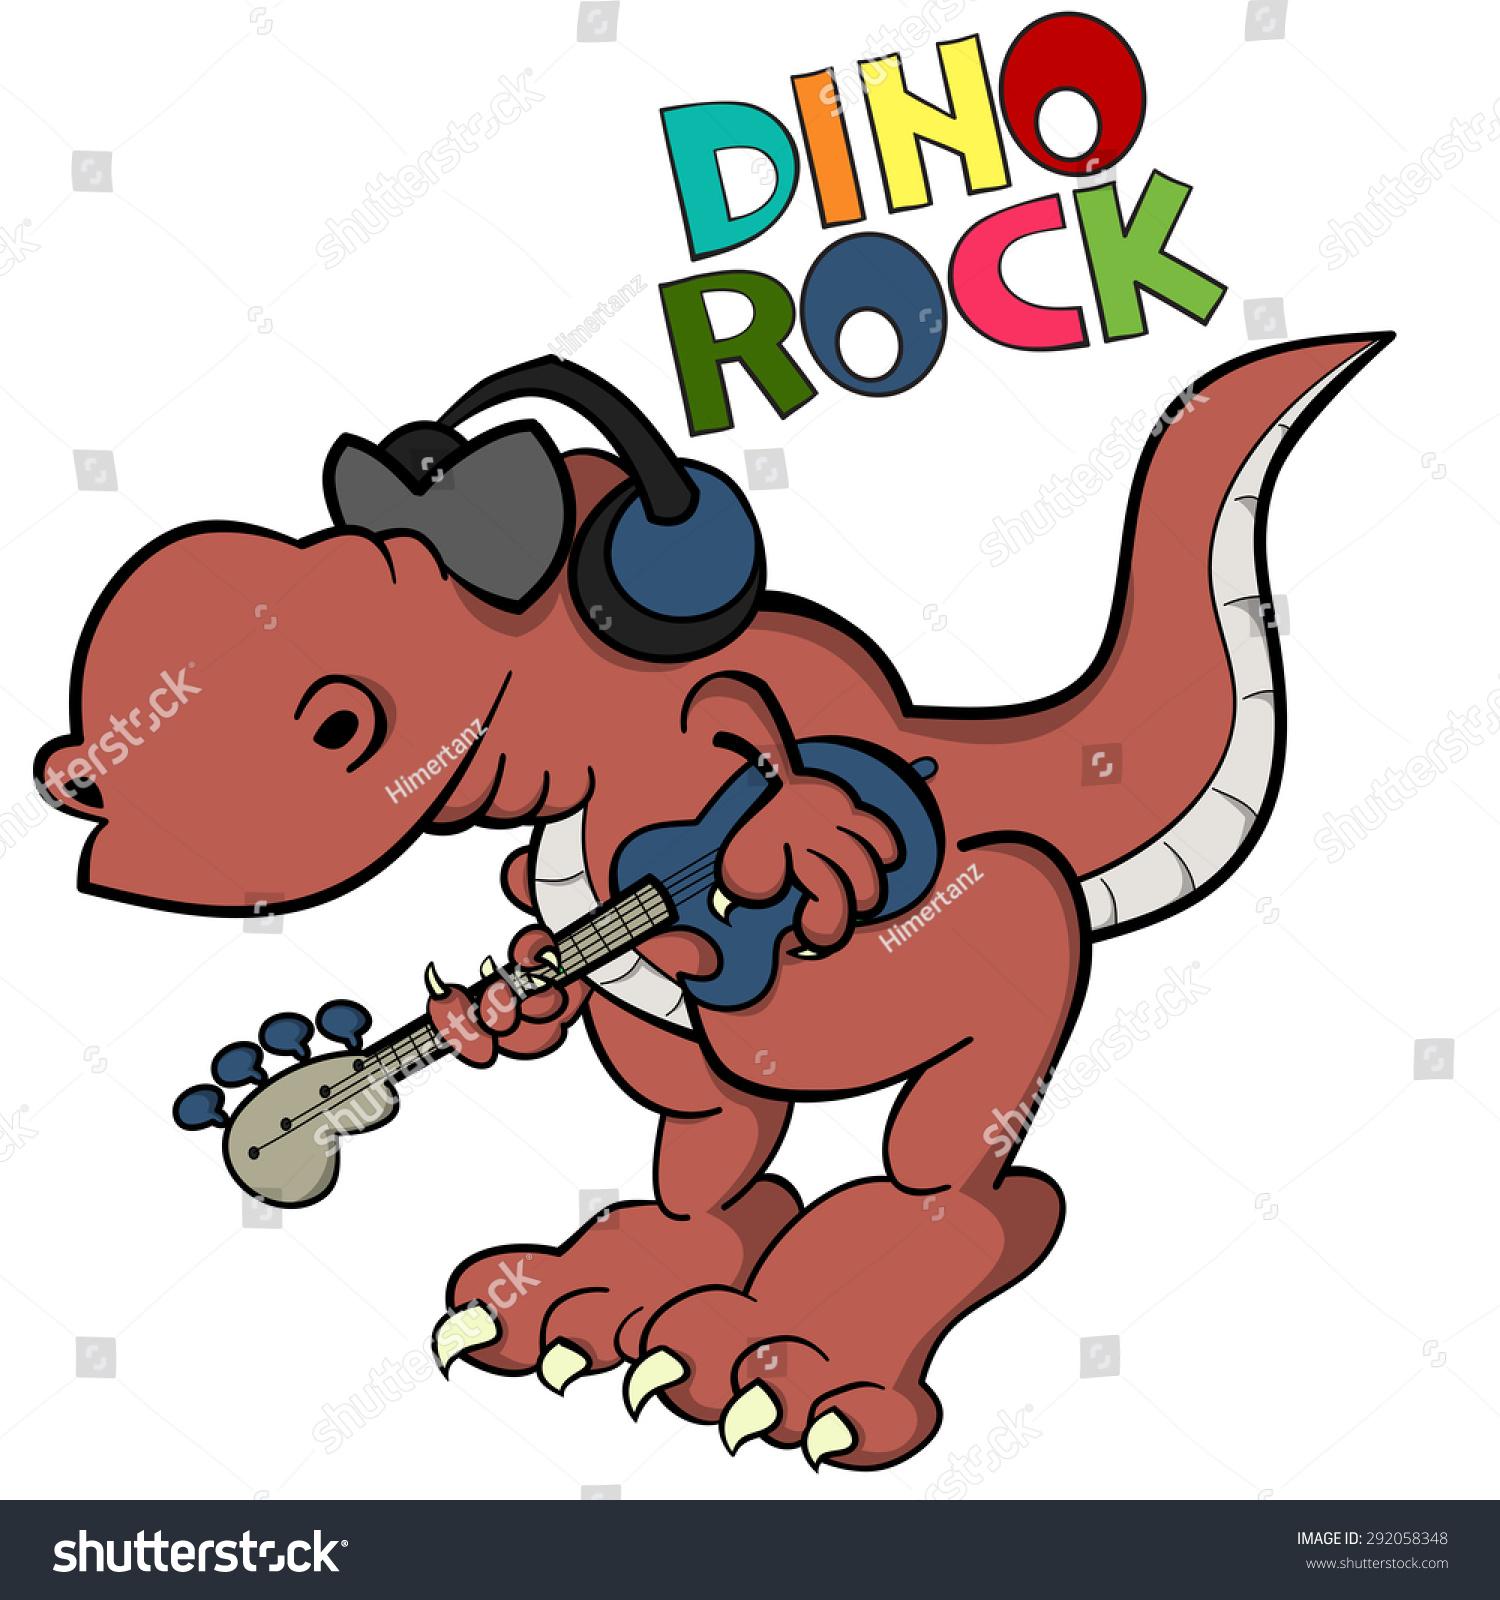 Funny Cartoon T Rex As A Bass Guitarist Of Rock